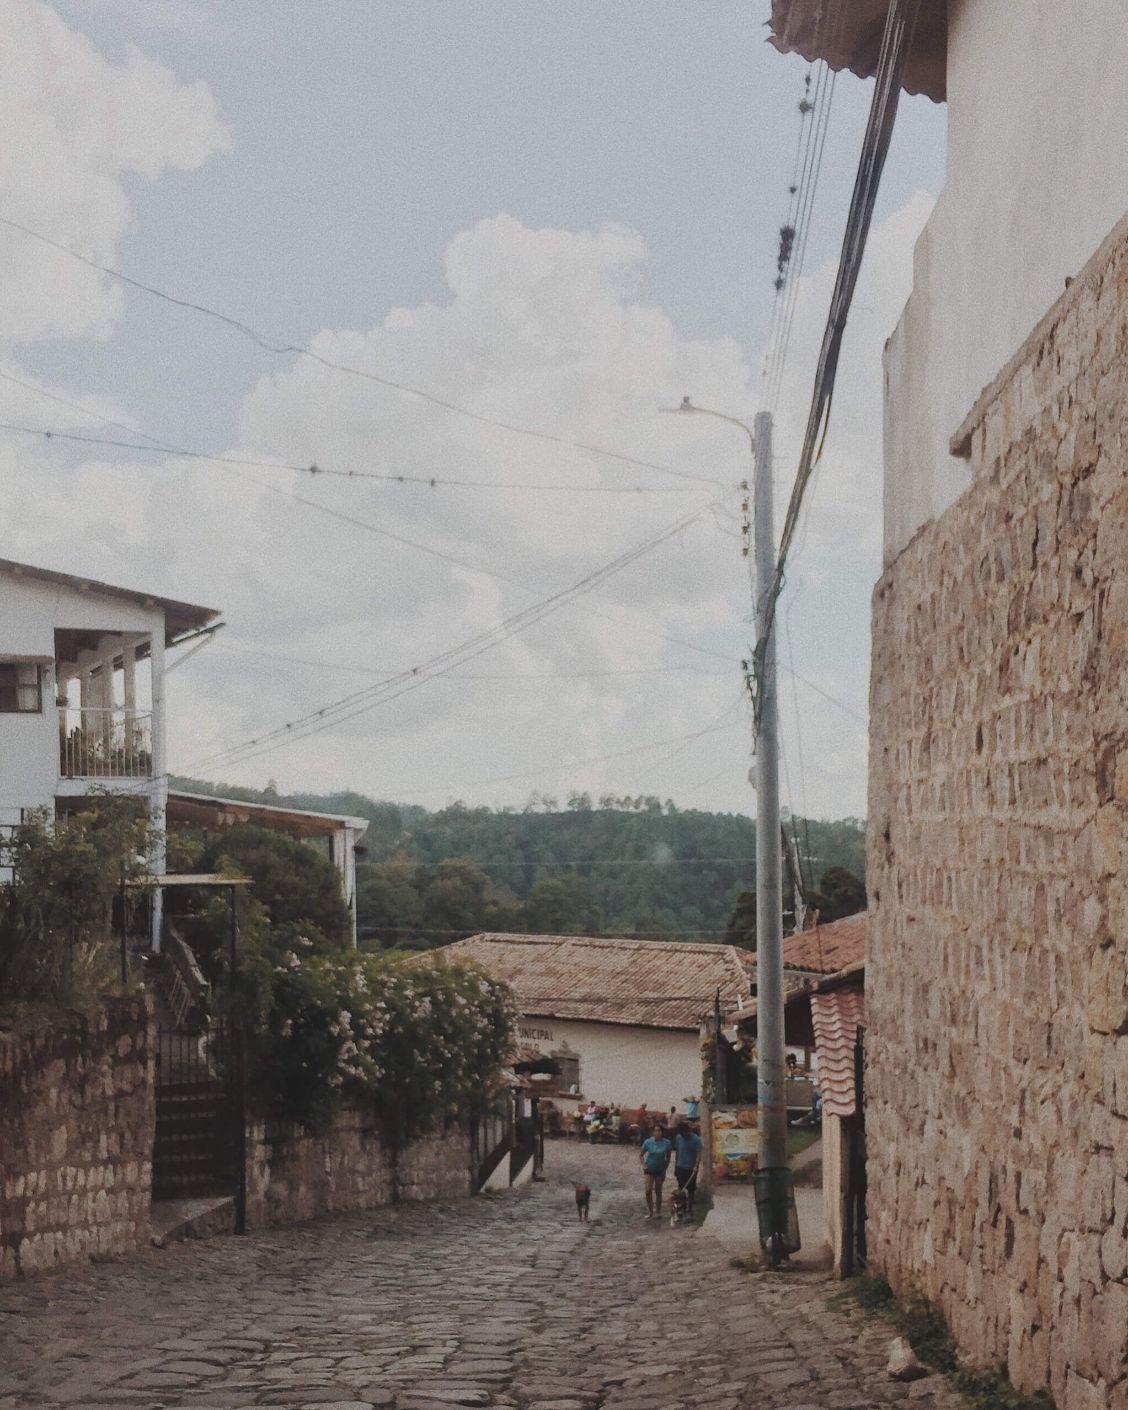 town in Honduras